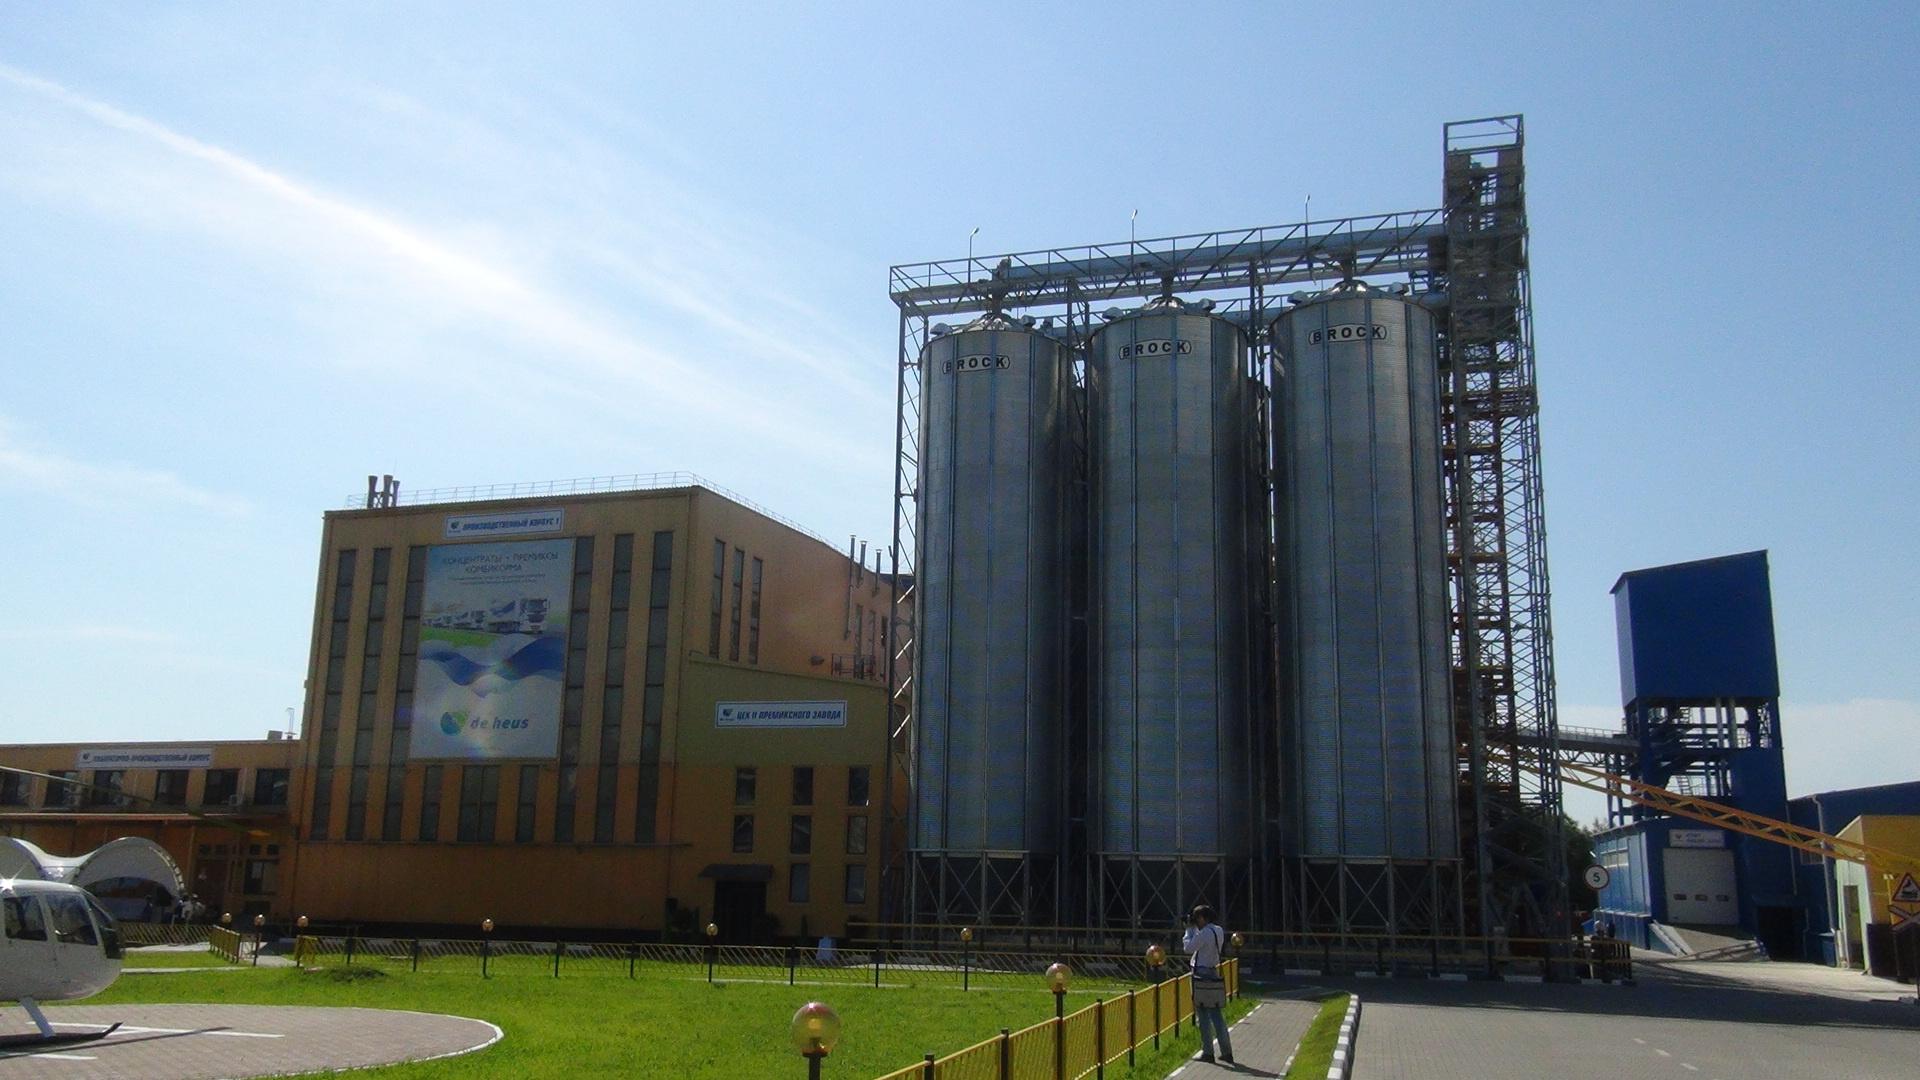 НГ: Новый завод по производству растительного масла в.